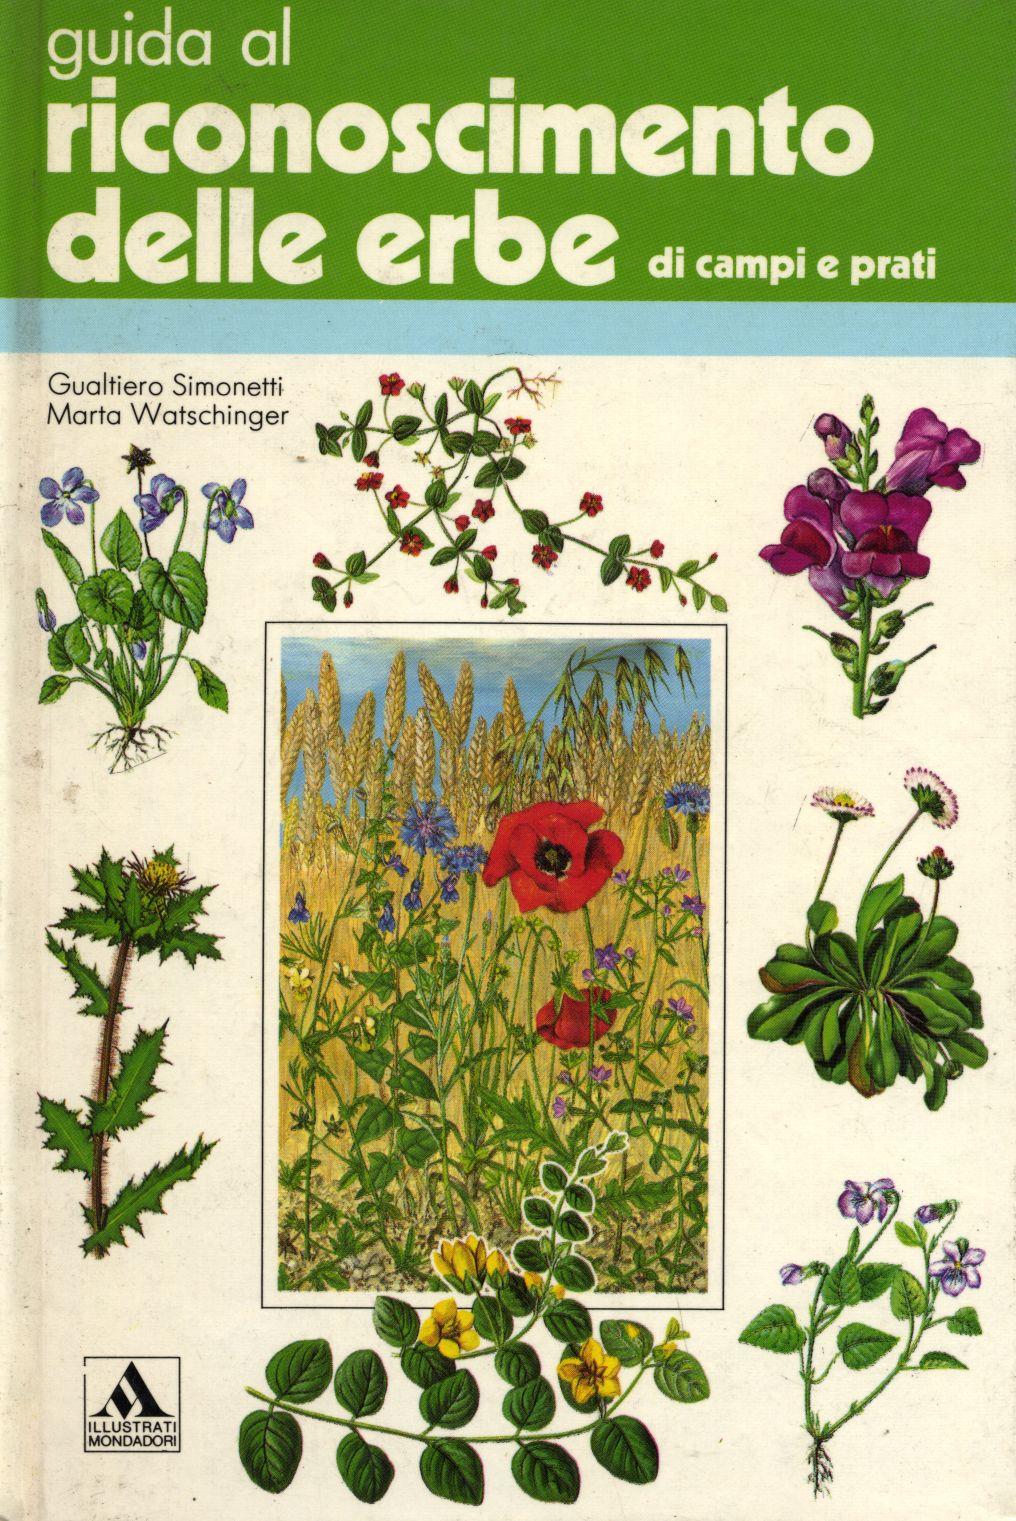 Guida al riconoscimento delle erbe di campi e prati